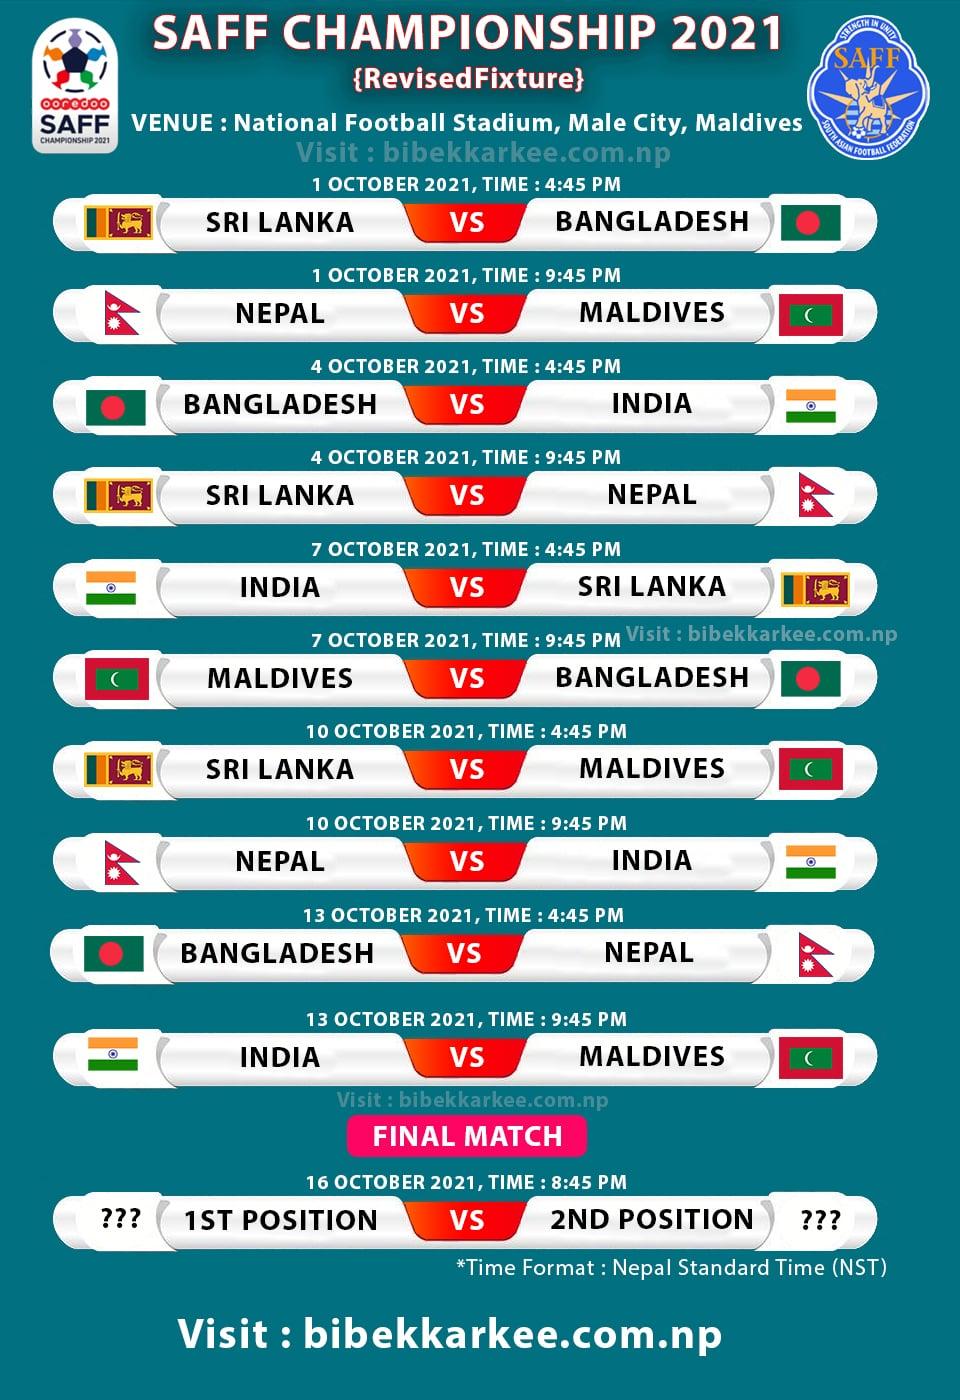 SAFF Championship 2021 fixture, SAFF match schedule